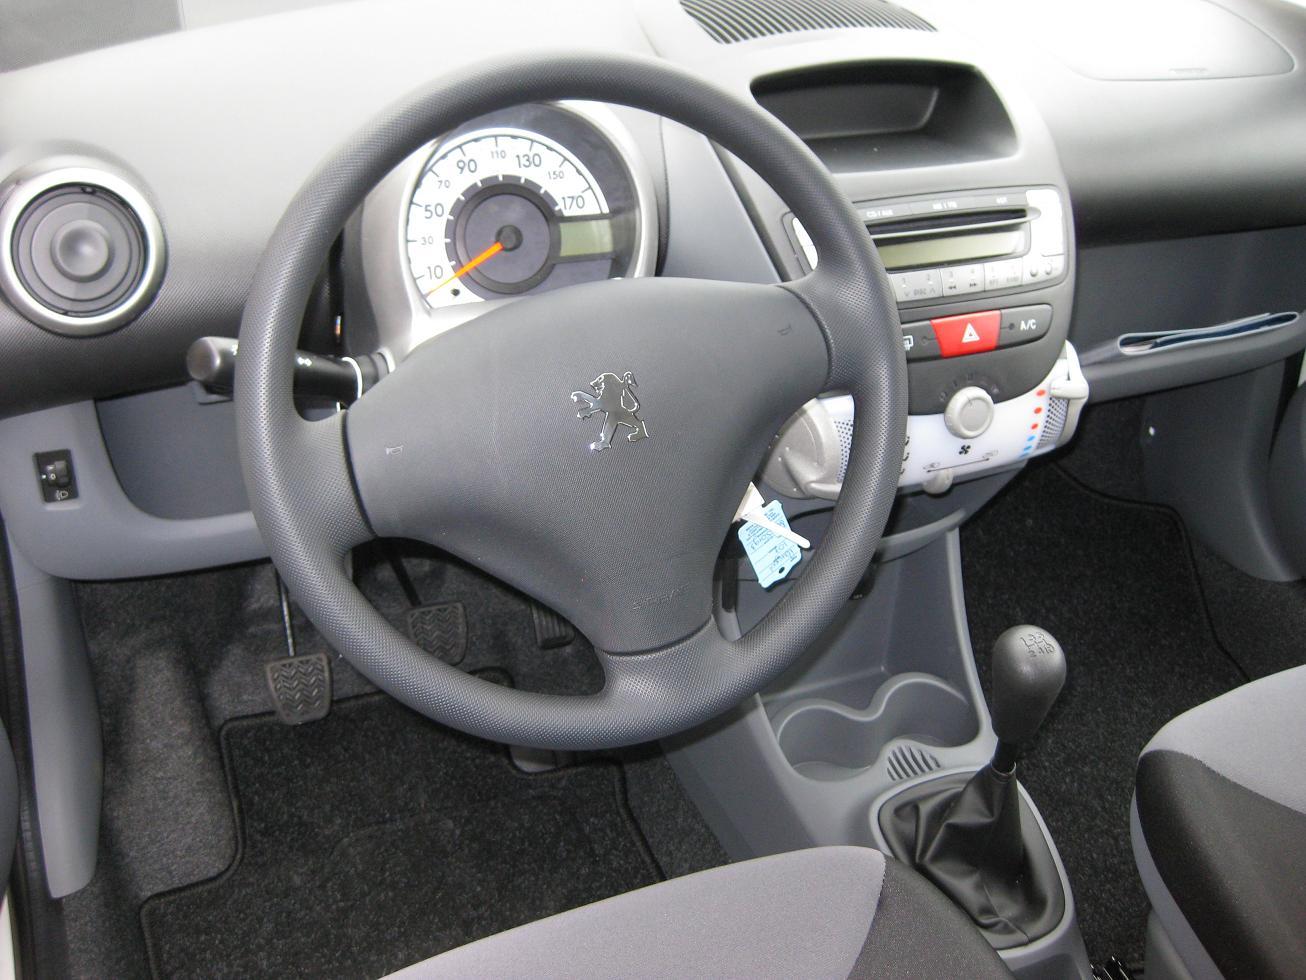 Peugeot 107 1 0 Accent 3 Deurs Welkom Bij Optilease Auto Importeren Uit Duitsland Occasions Gebruikte Groningen